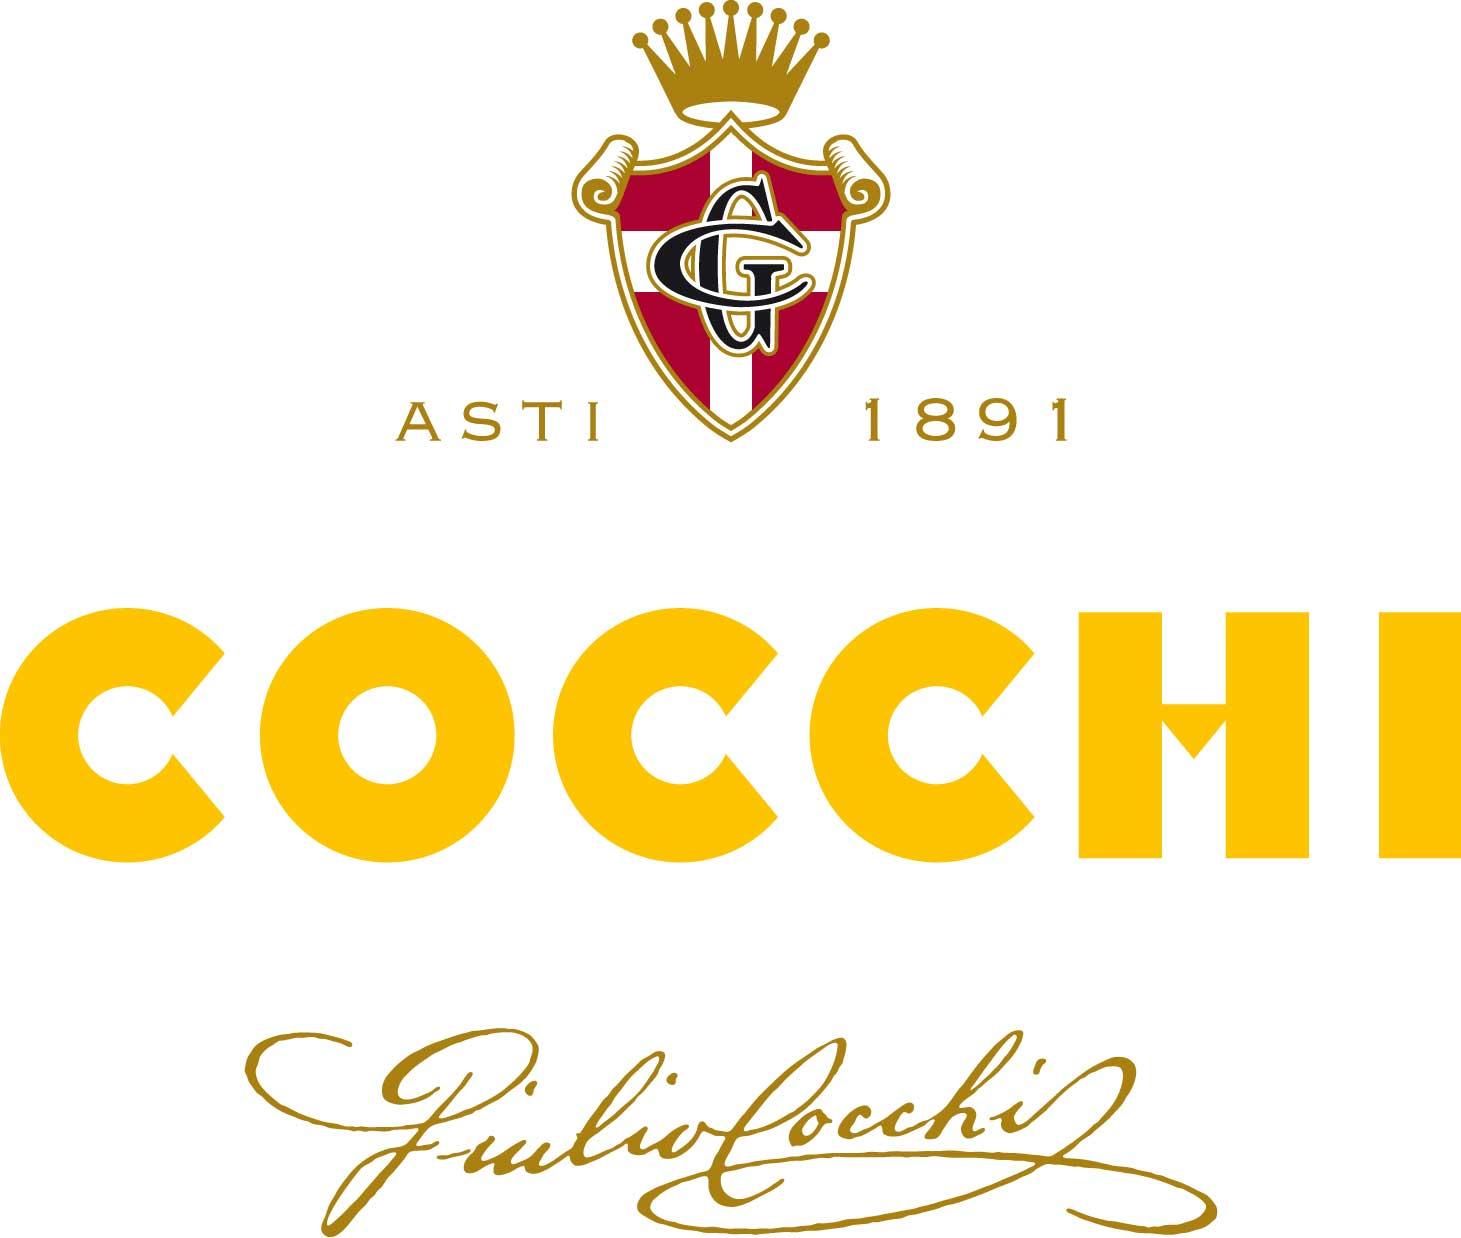 Giulio Cocchi Spumanti Srl logo